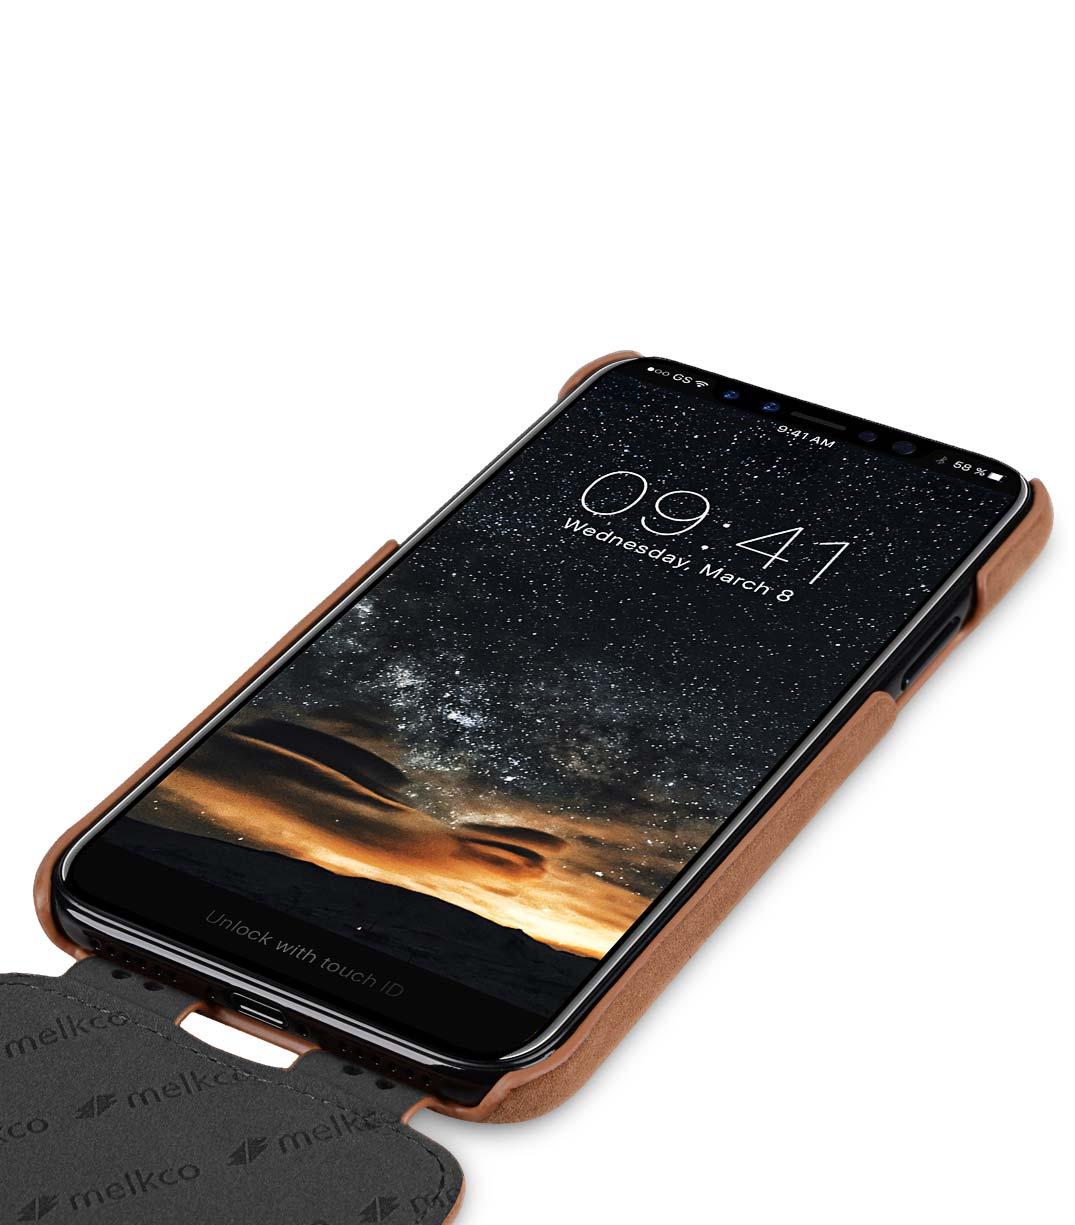 Melkco iPhone X  (2017) ヌバック レザーケース 本革 プレミアム レザー ハンドメイド フリップタイプ (縦開き)薄型 軽量【 クラシック・ビンテージ・ブラウン 】